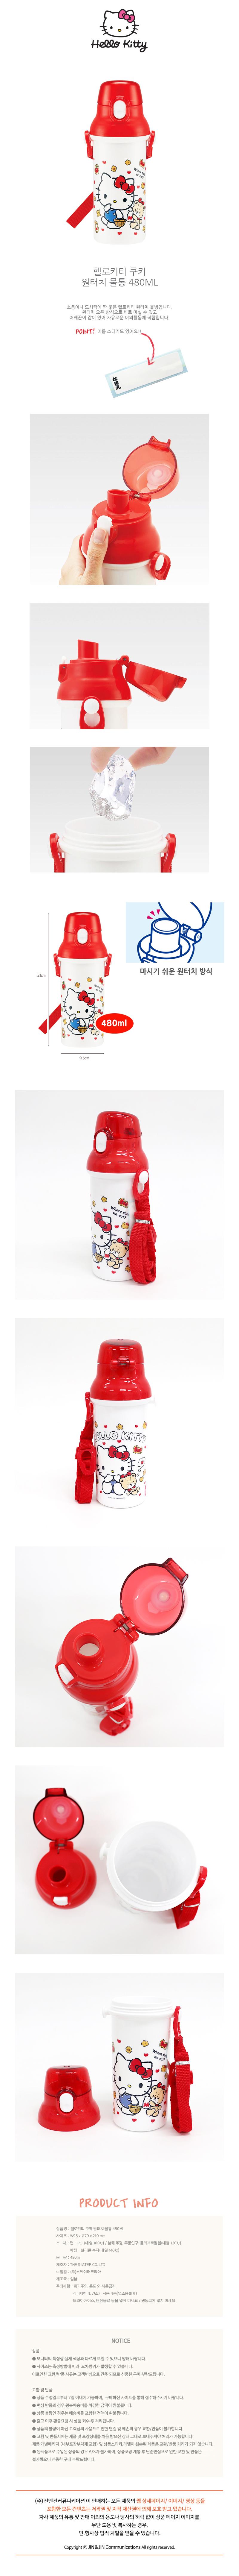 헬로키티 쿠키 원터치 물통 480ML - 스케이터재팬, 15,840원, 보틀/텀블러, 보틀